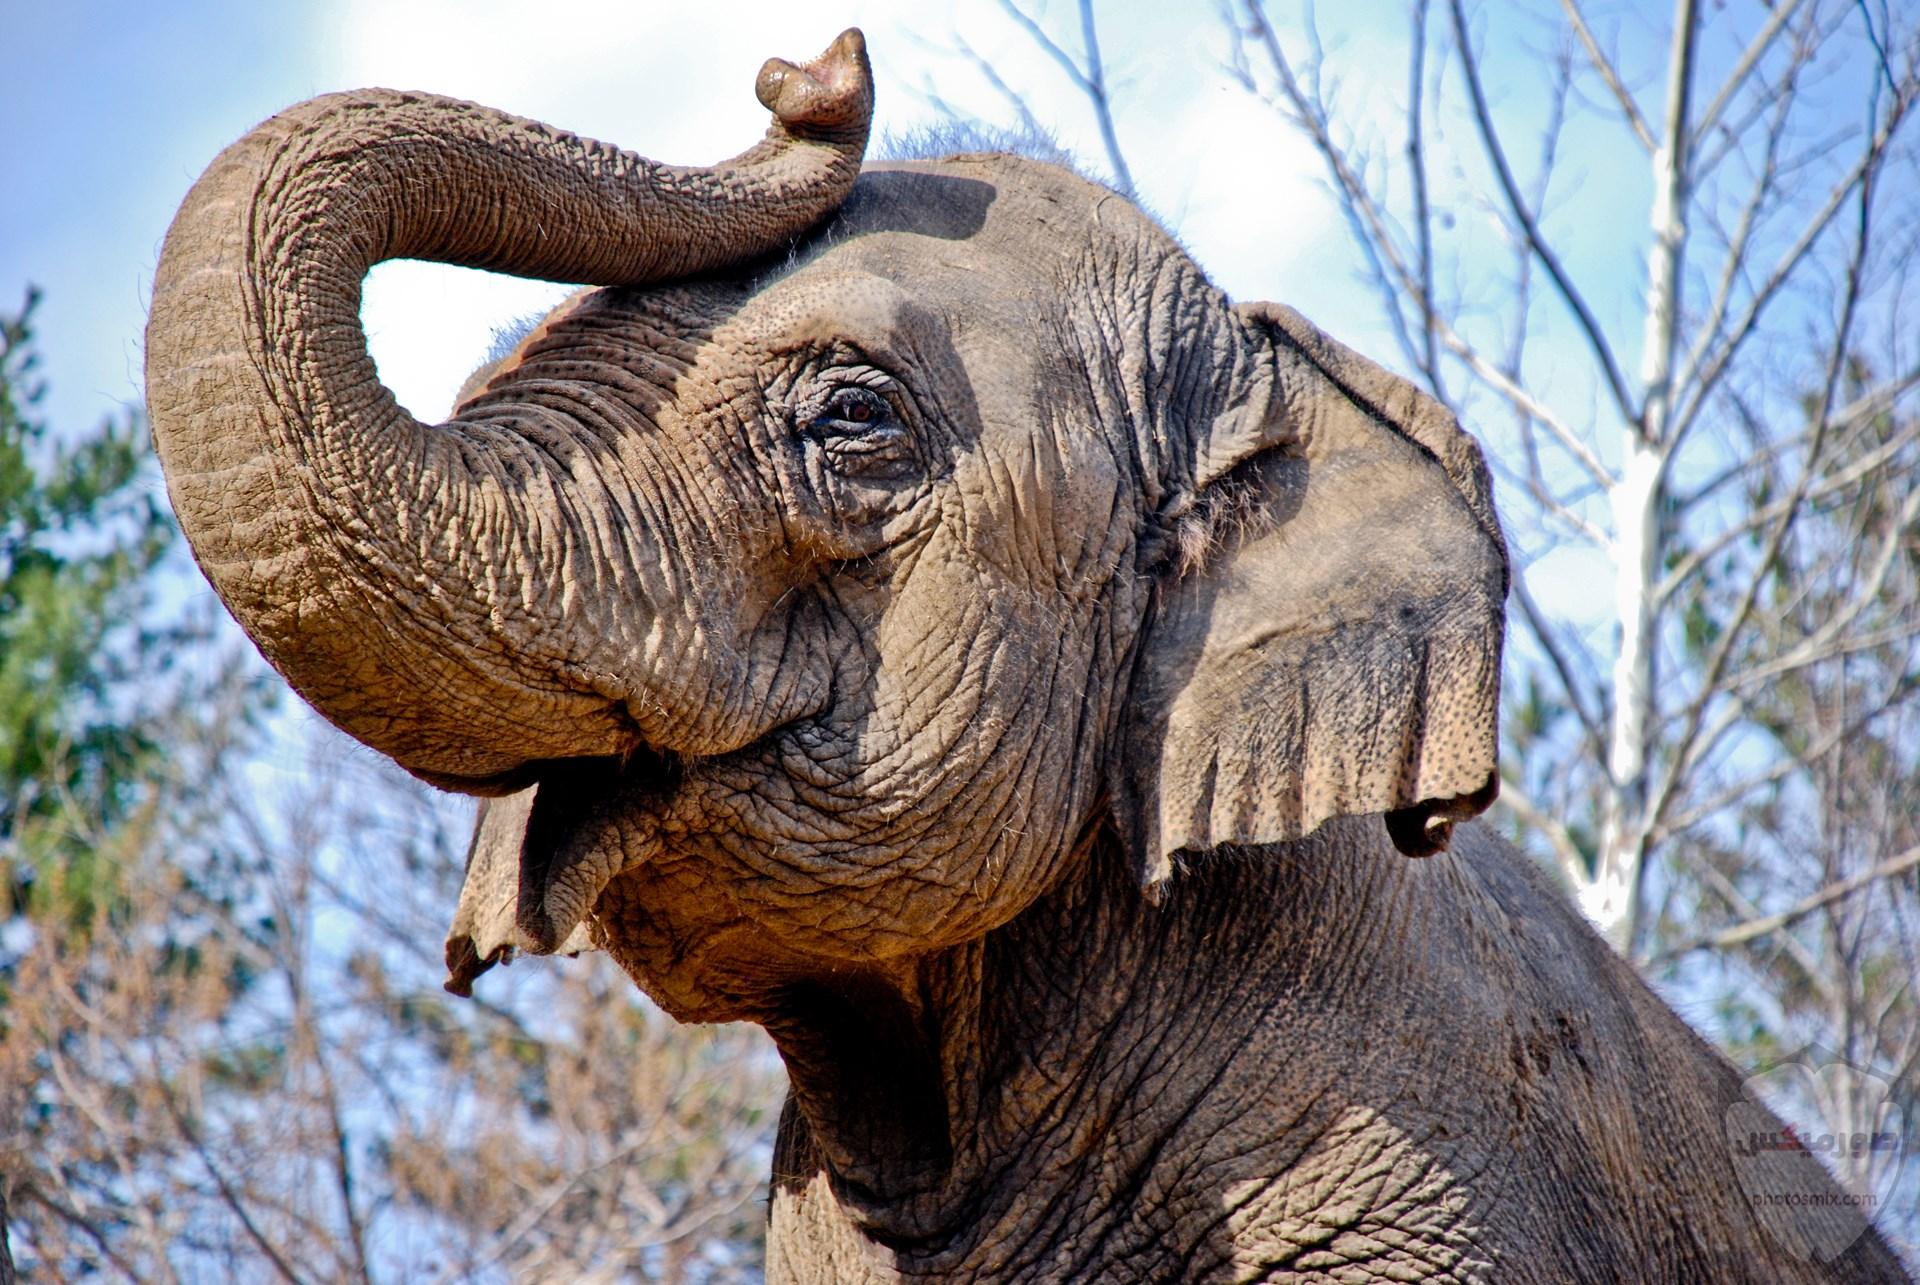 صور وخلفيات الفيل ومعلومات كاملة عن الفيل 32 1